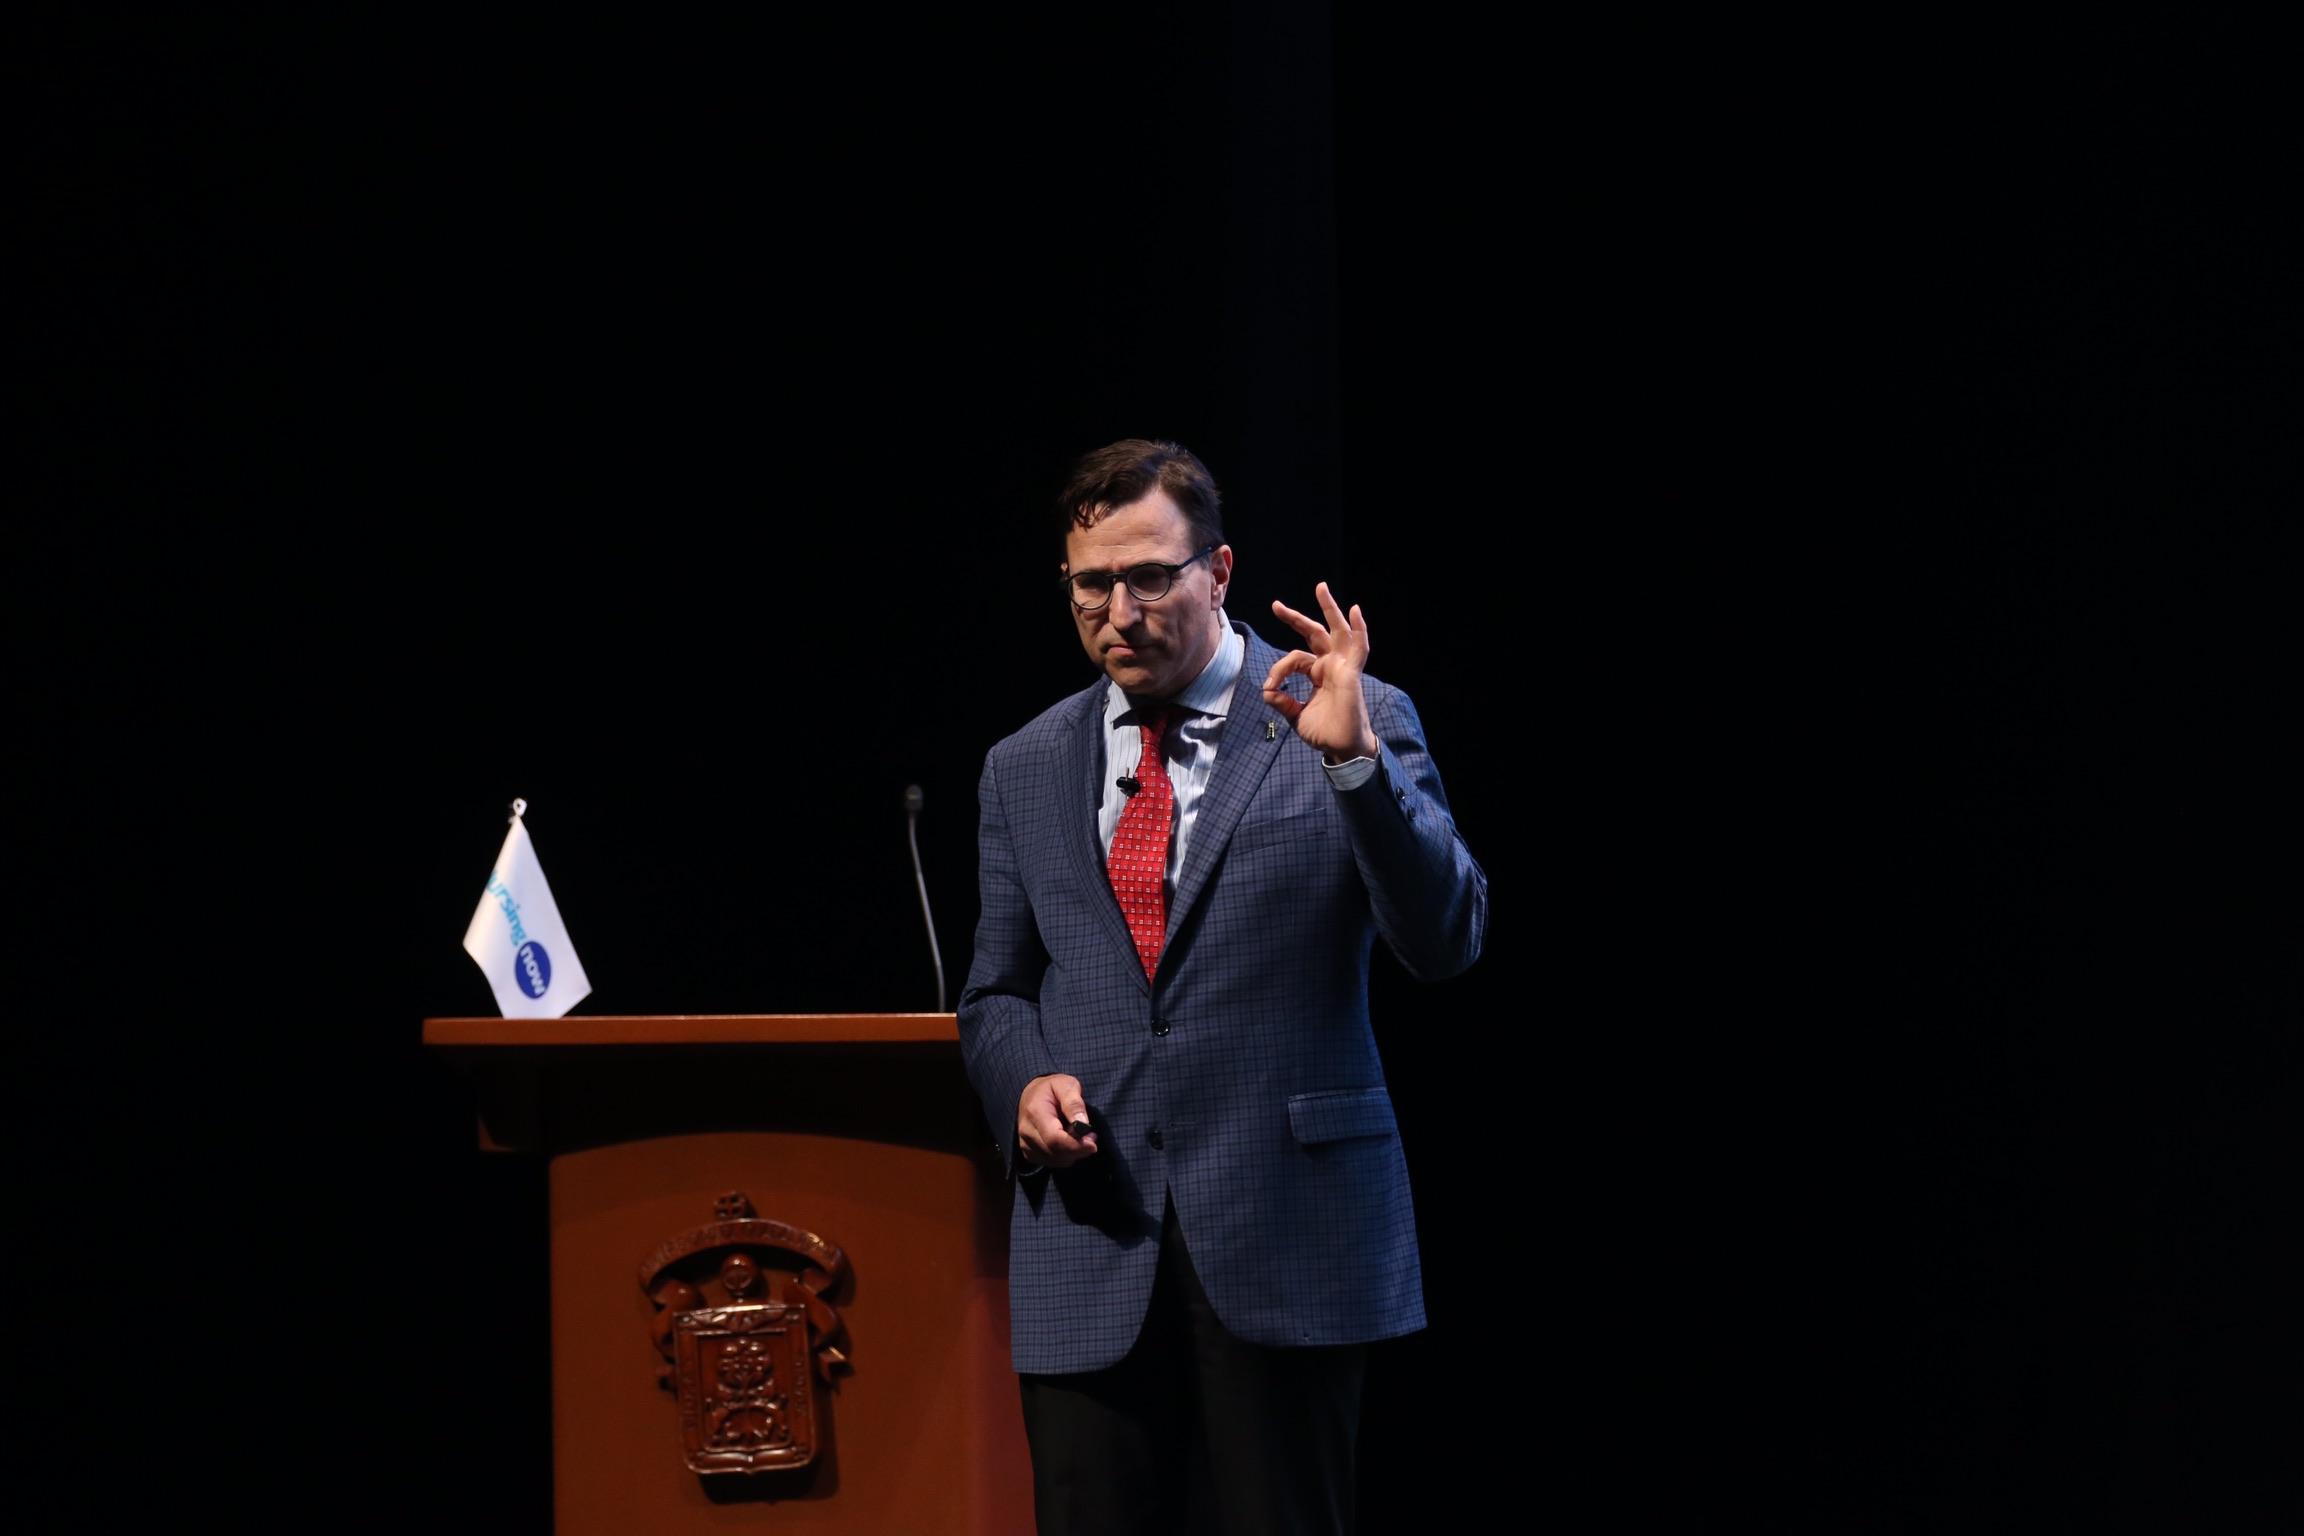 El doctor Paul Barach, especialista en seguridad del paciente y profesor clínico en escuela de Medicina de Estados Unidos